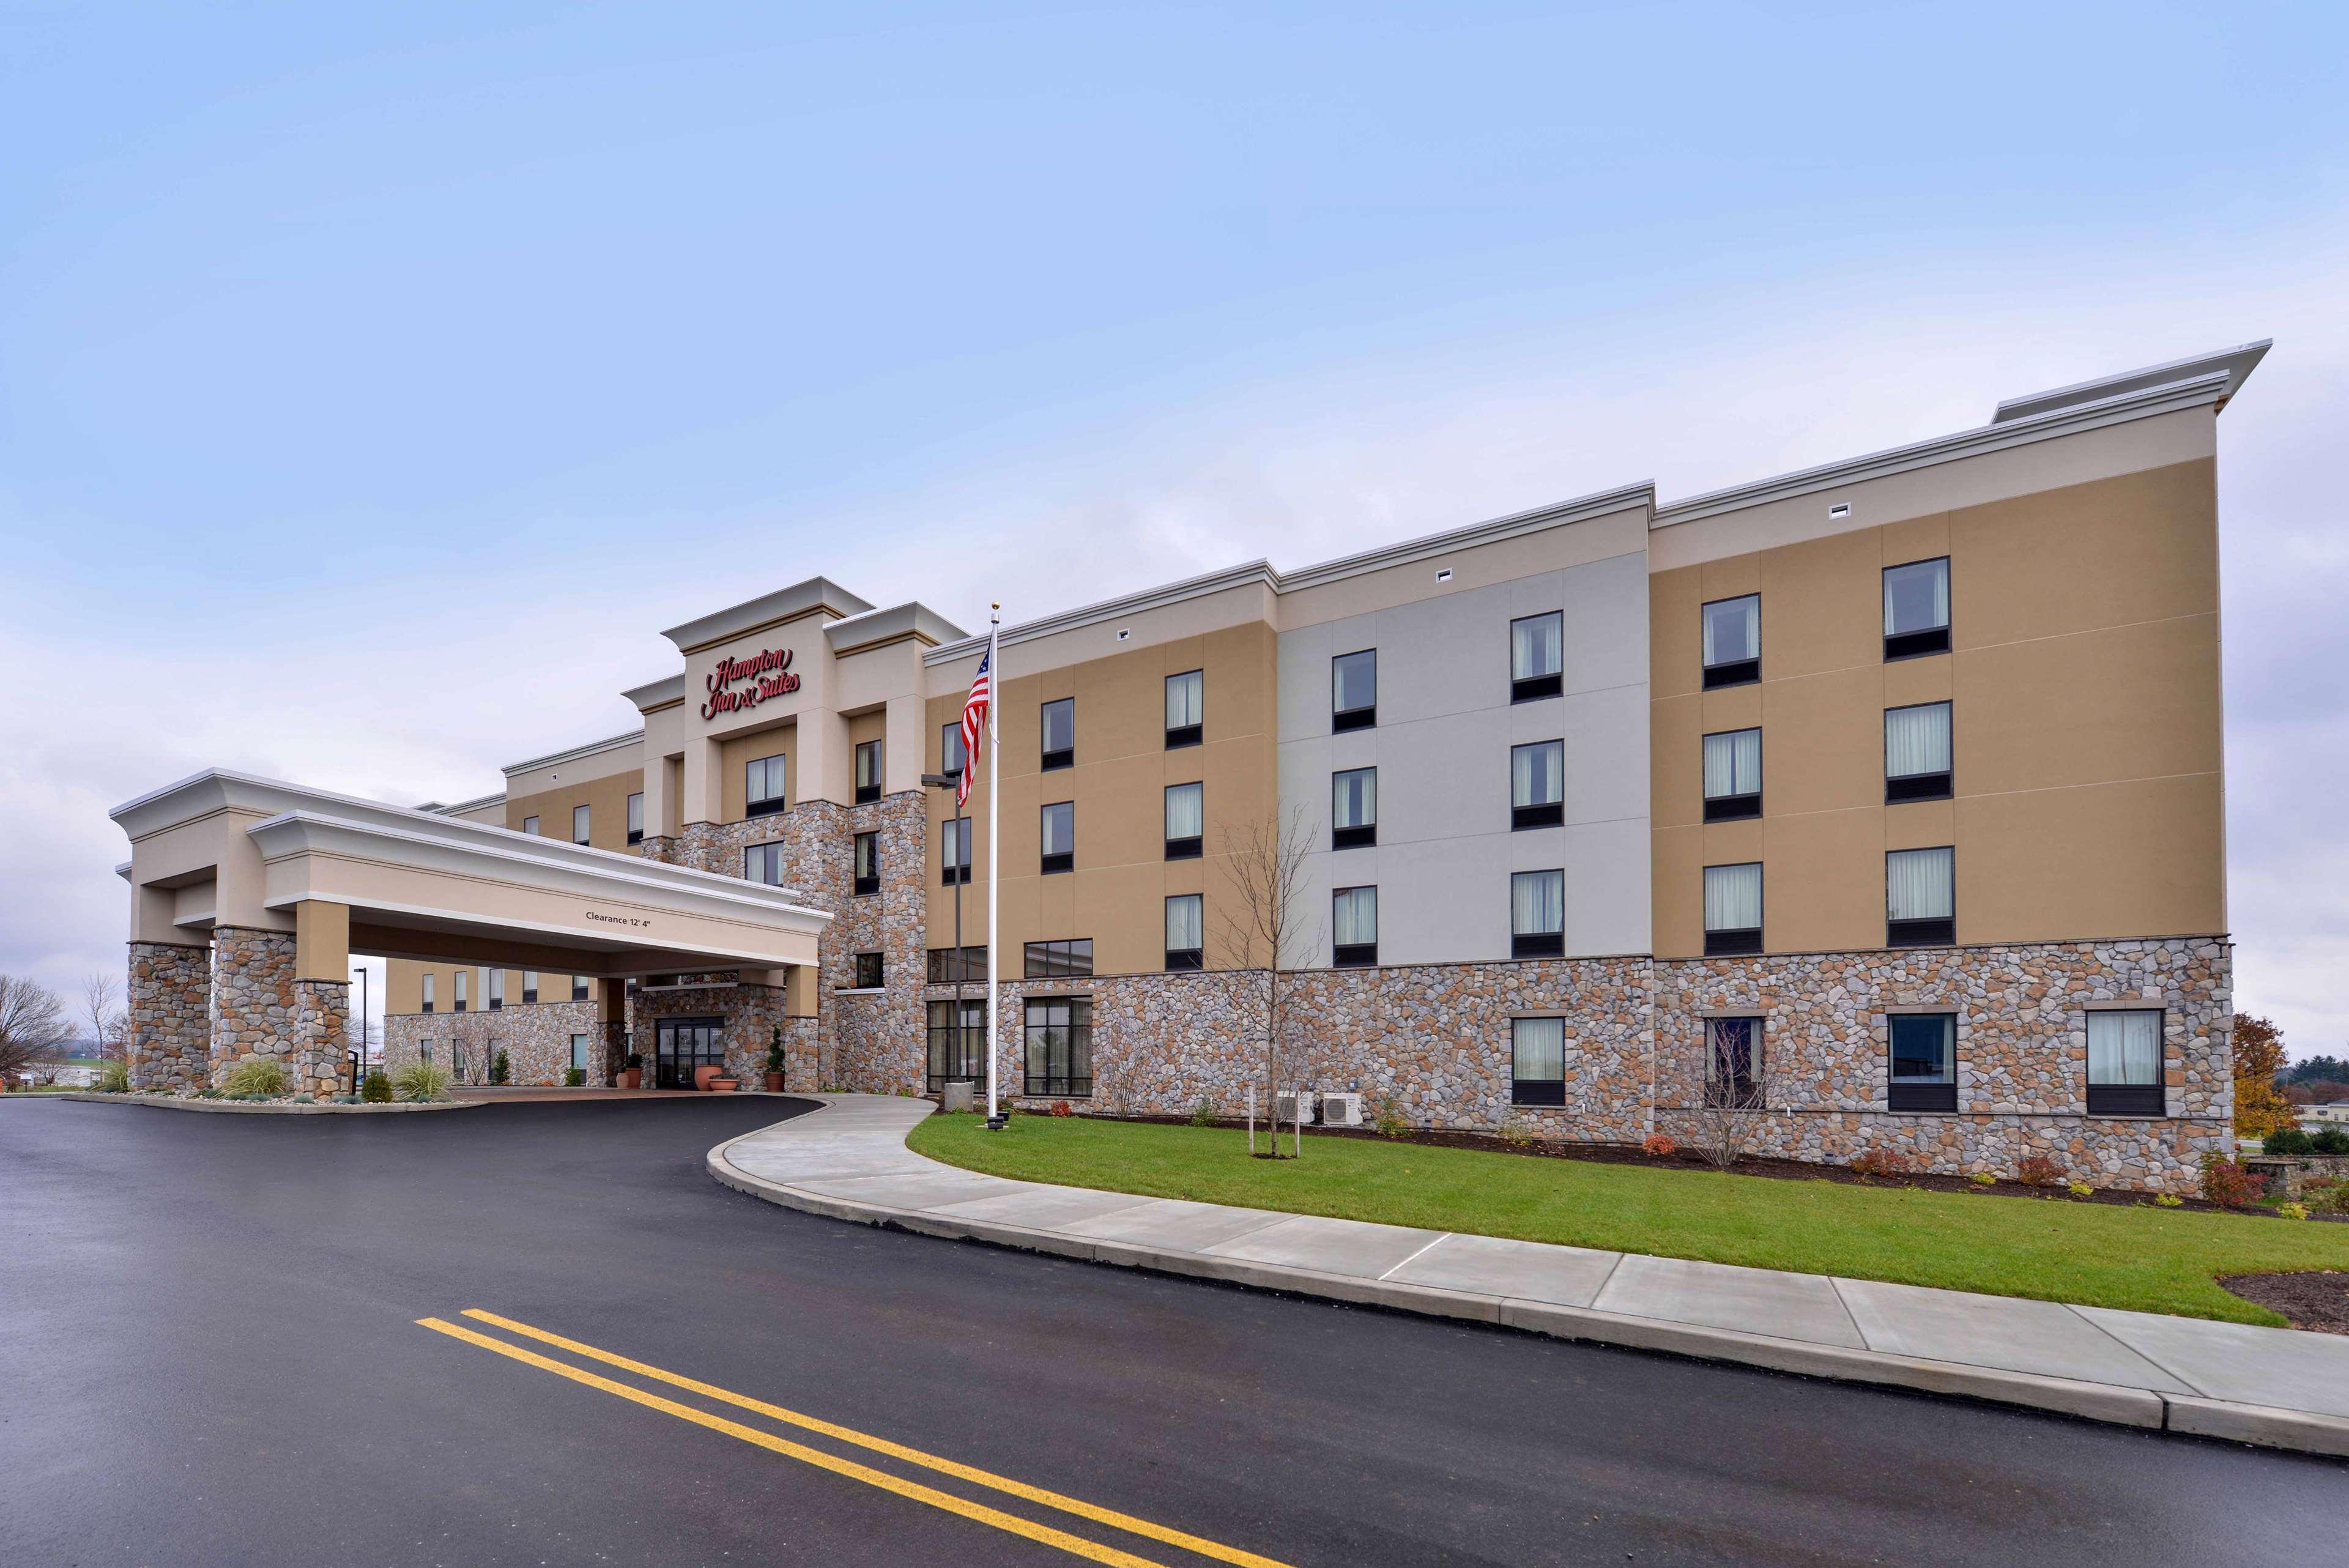 Hampton Inn & Suites Mount Joy/Lancaster West image 0